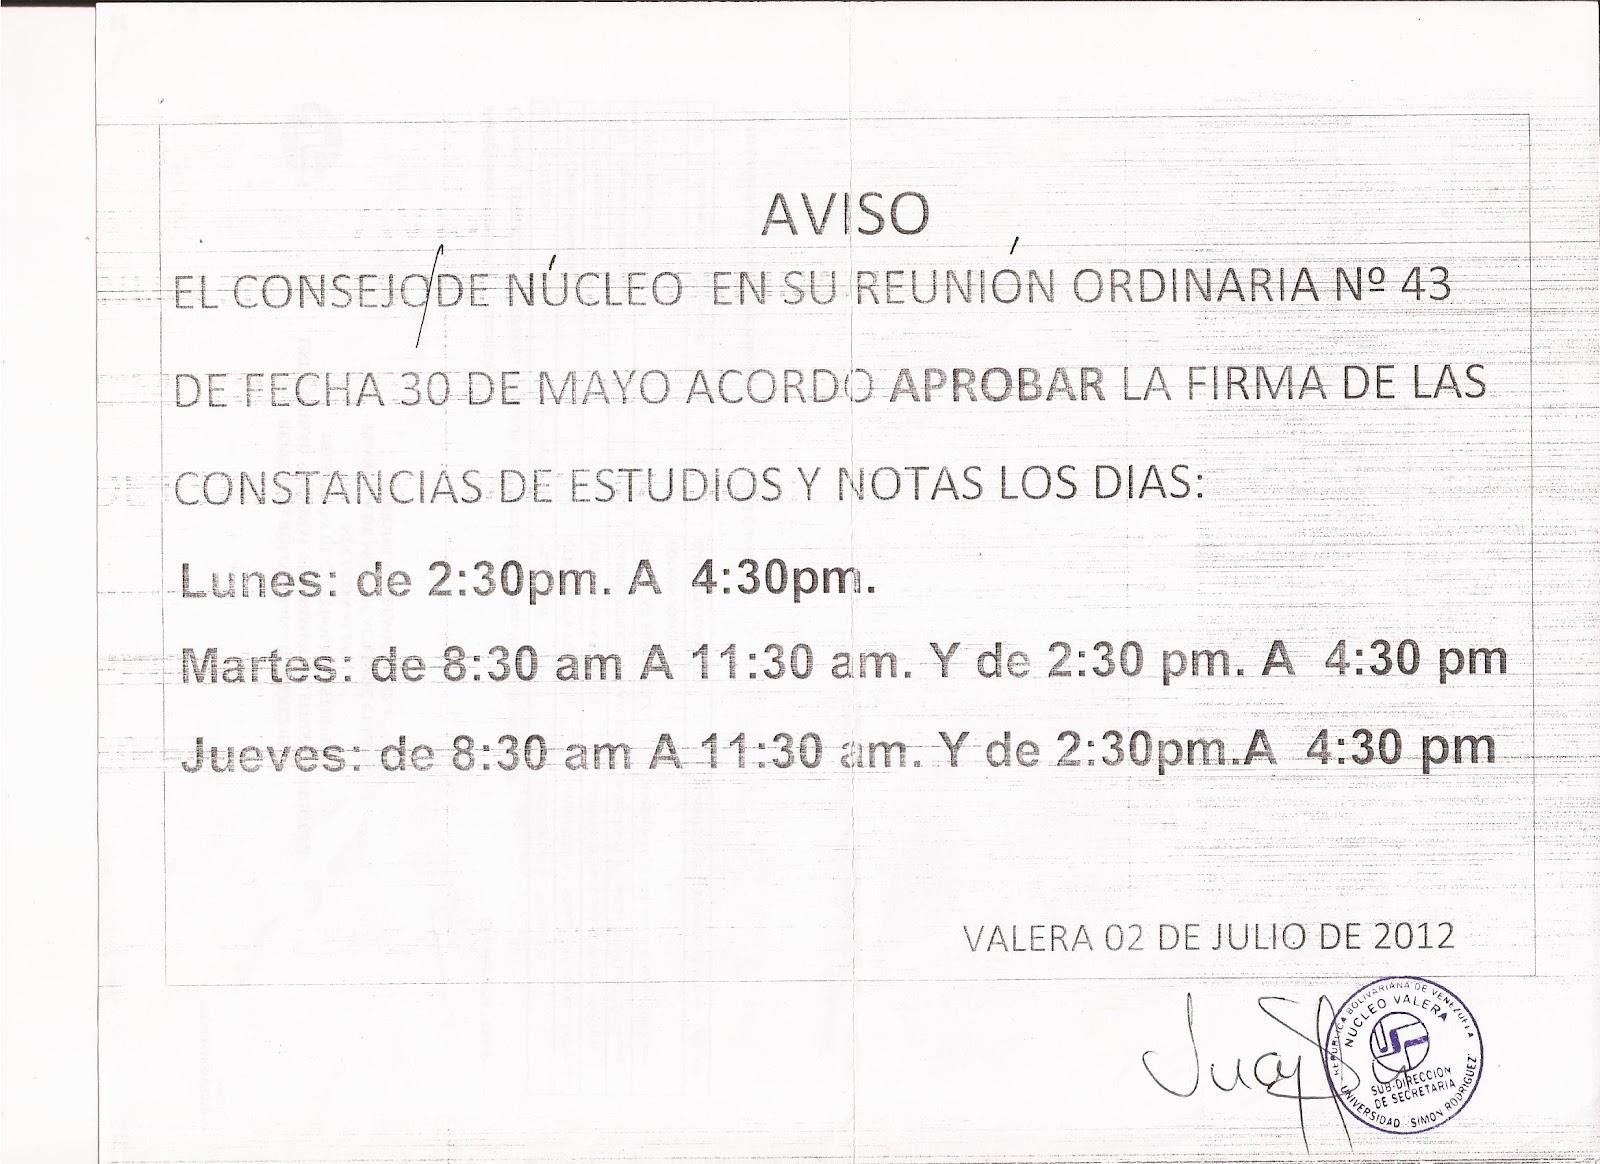 ... de planillas de inscripcion tal cual el horario de atencion por